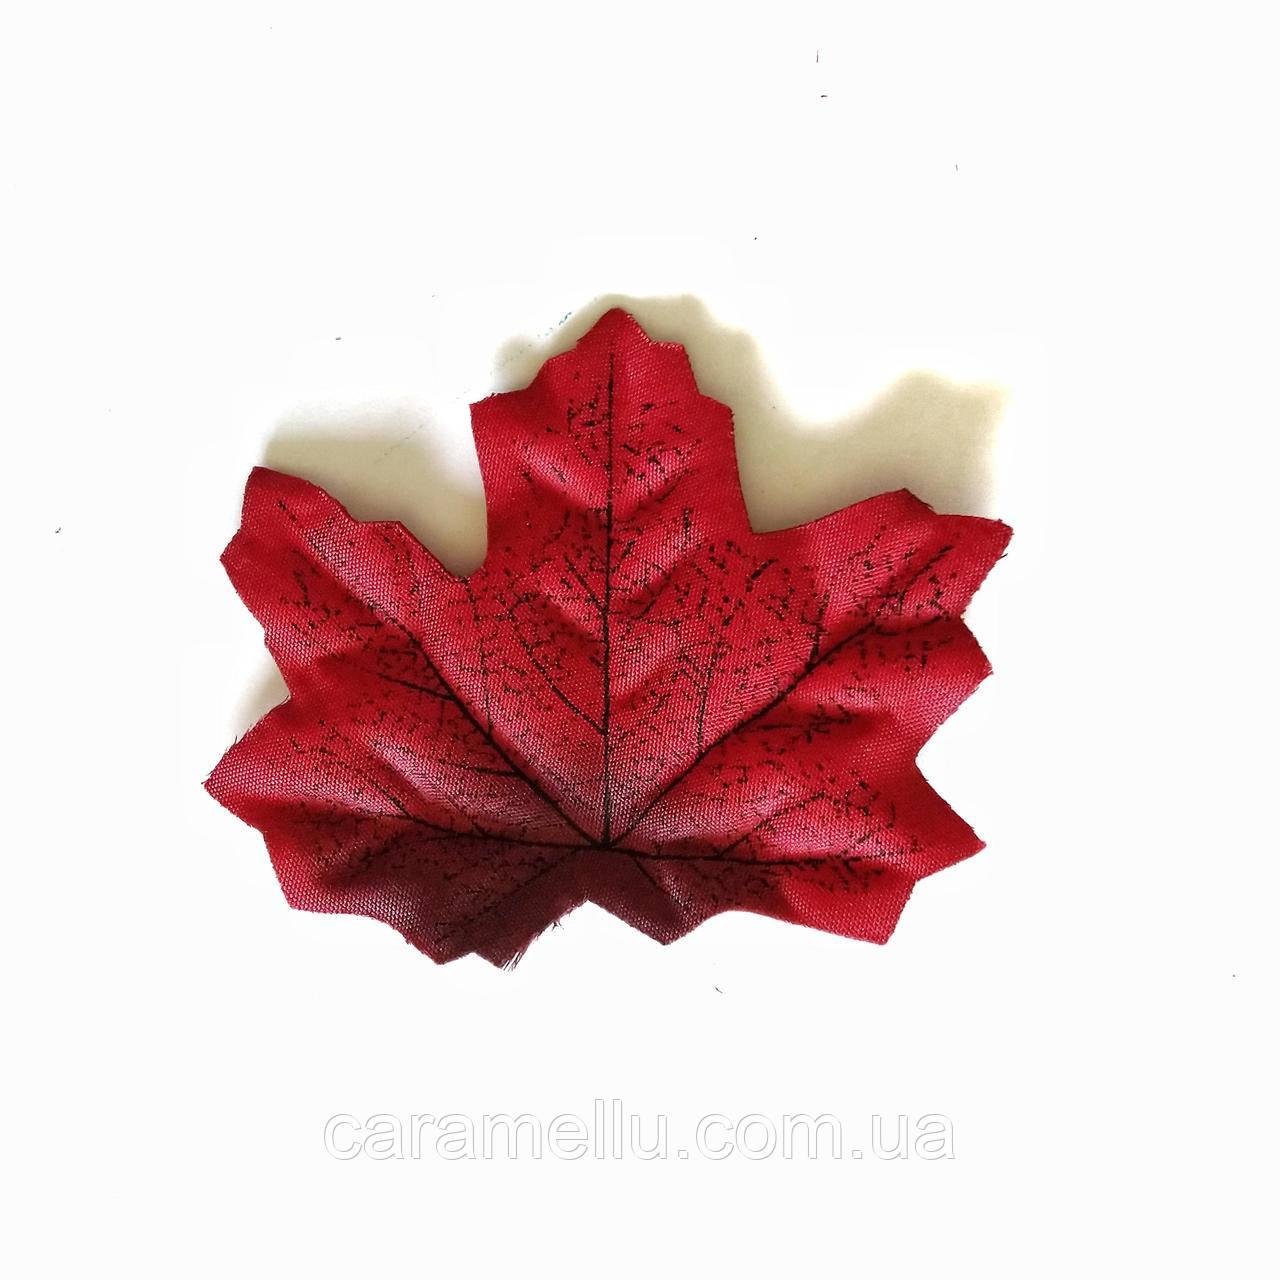 Кленовые листь. 10 шт. Бордово-сиреневый.